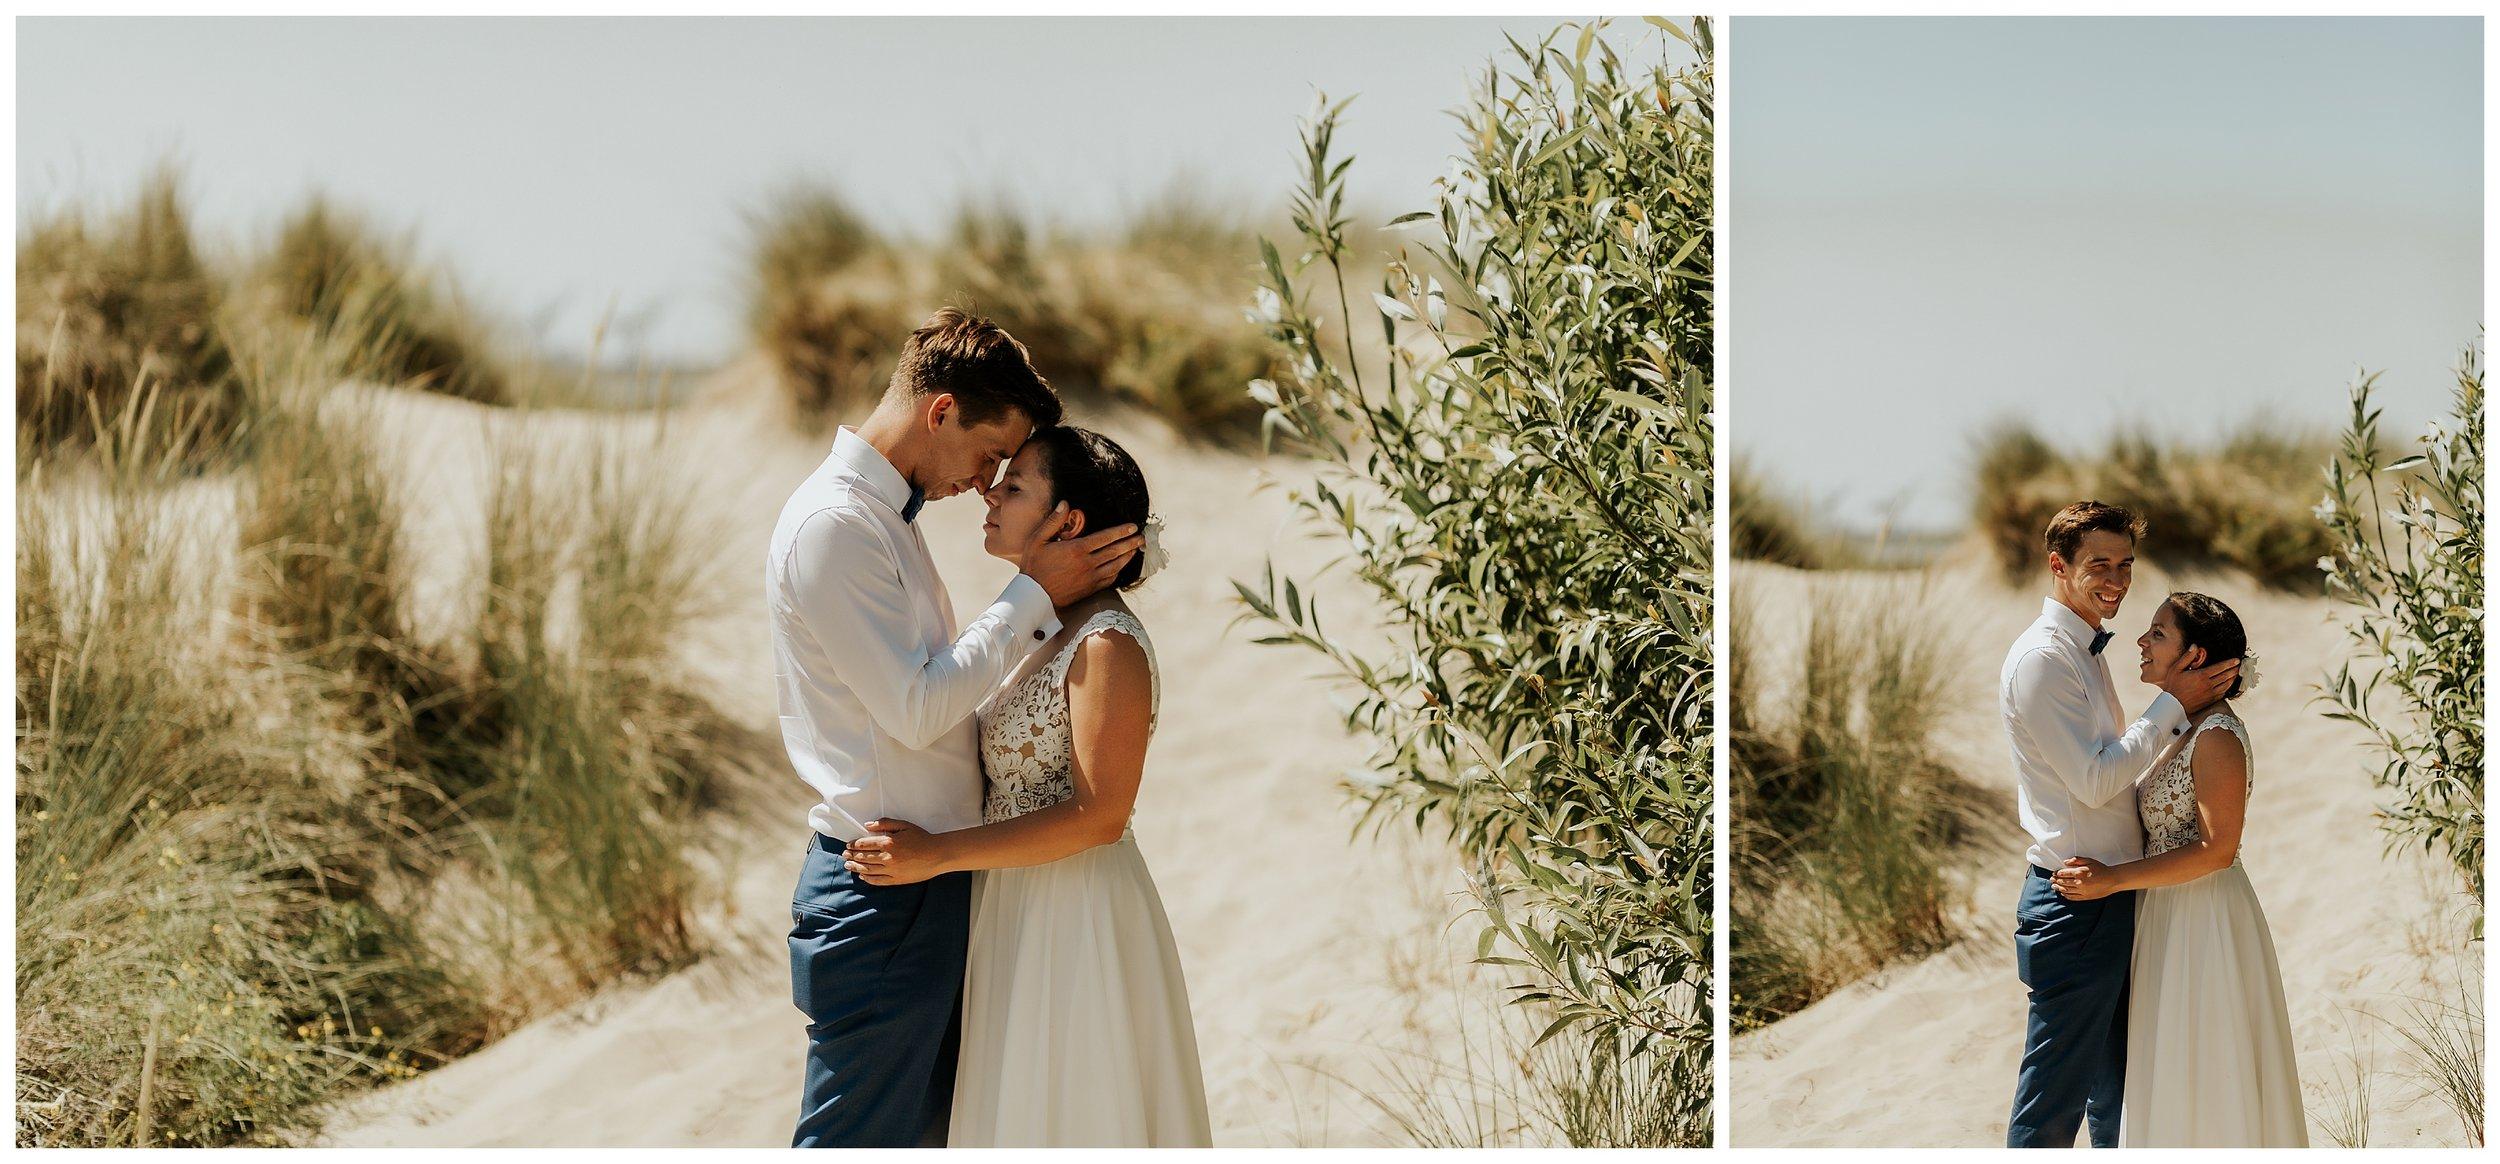 huwelijksfotograaf-huwelijksfotografie-knokke-heist-lisa-helsen-photography-trouwfotograaf-trouwfoto-sabine-pieter_0012.jpg